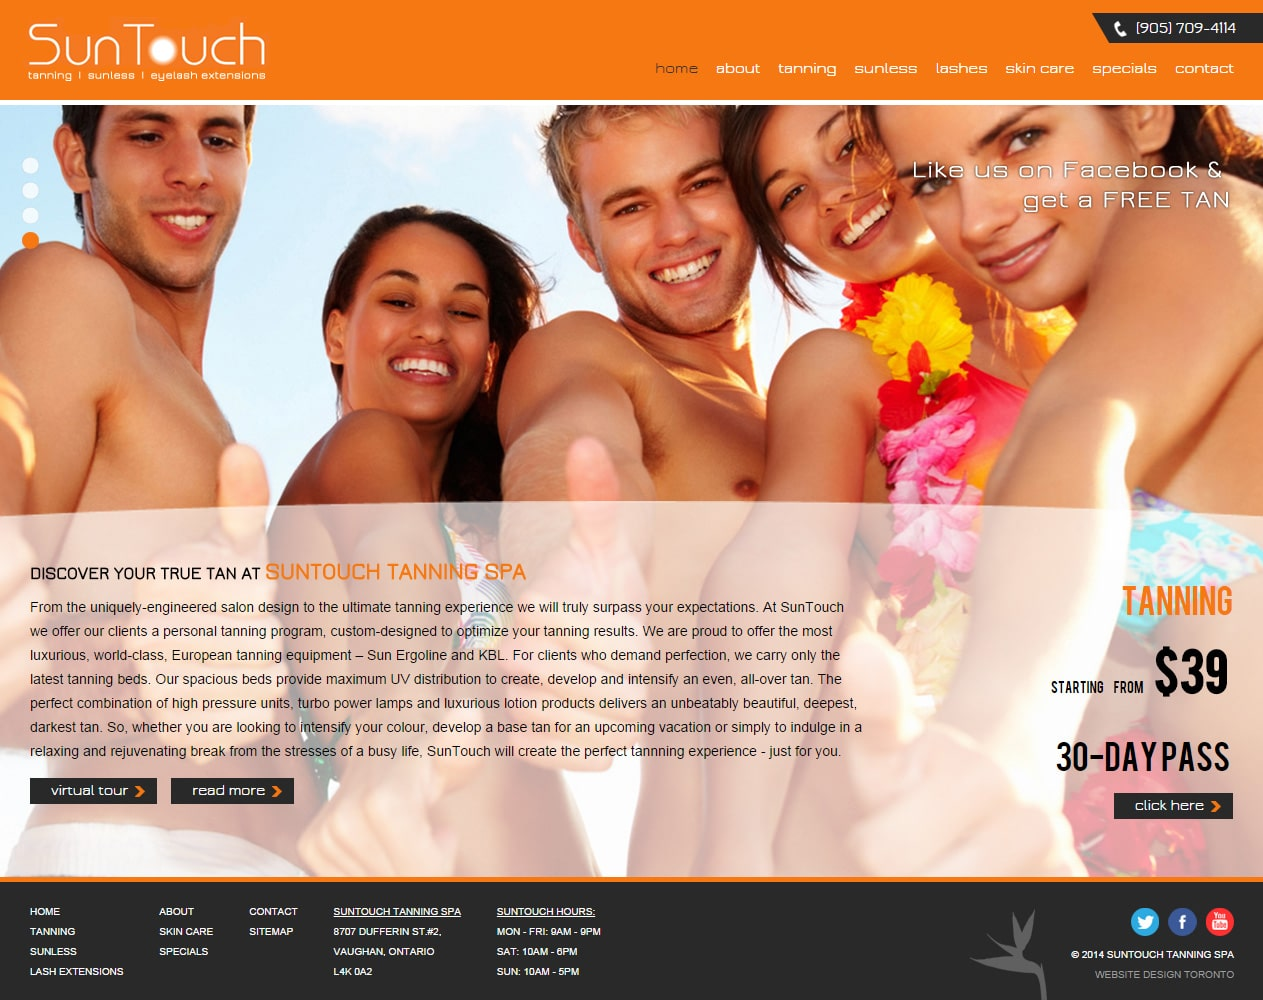 SunTouch Tanning Spa